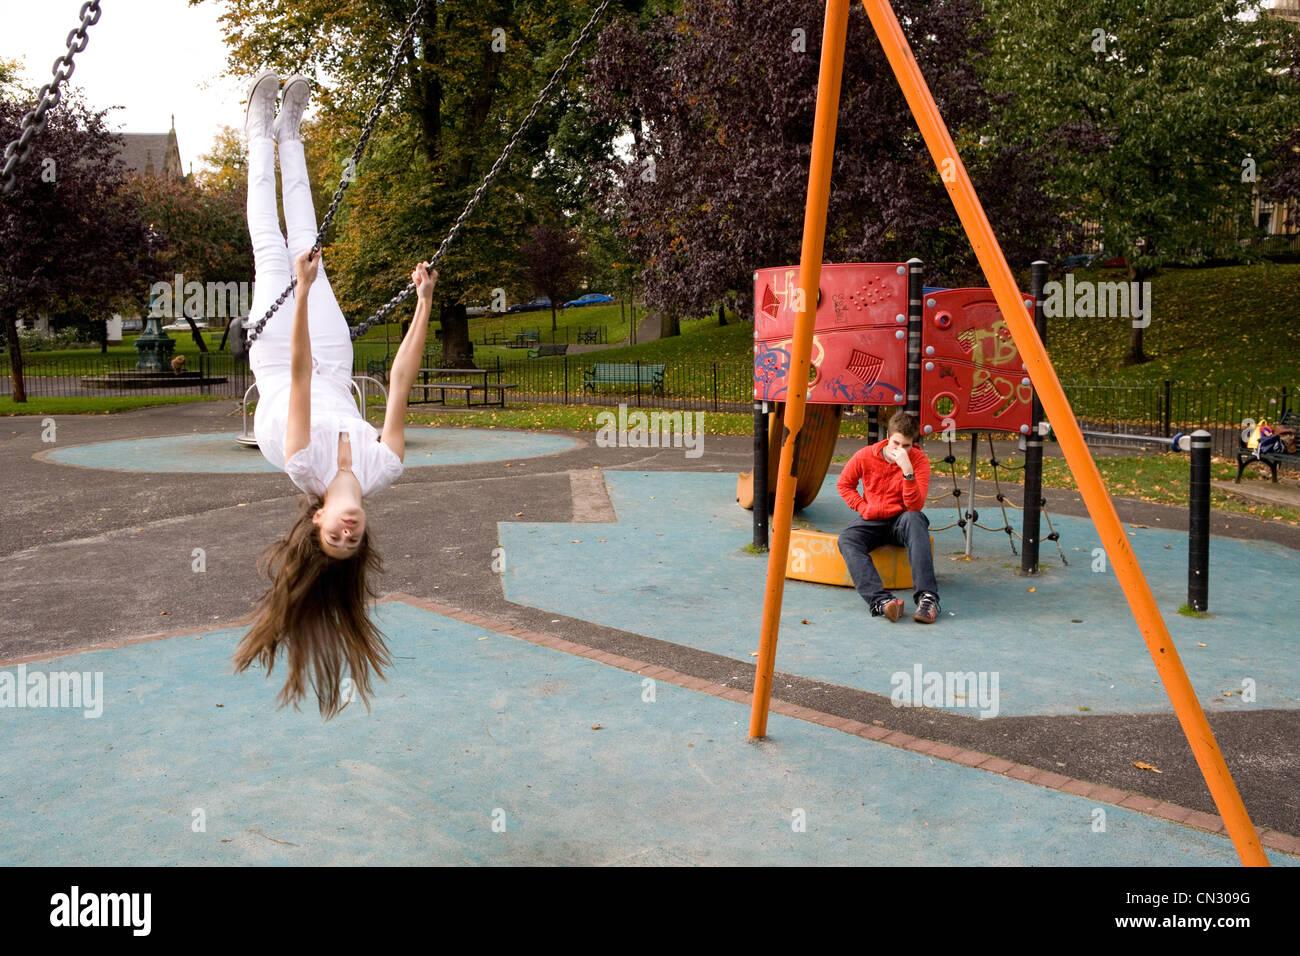 Teenager-Mädchen auf Schaukel Spielplatz, auf dem Kopf stehend Stockfoto